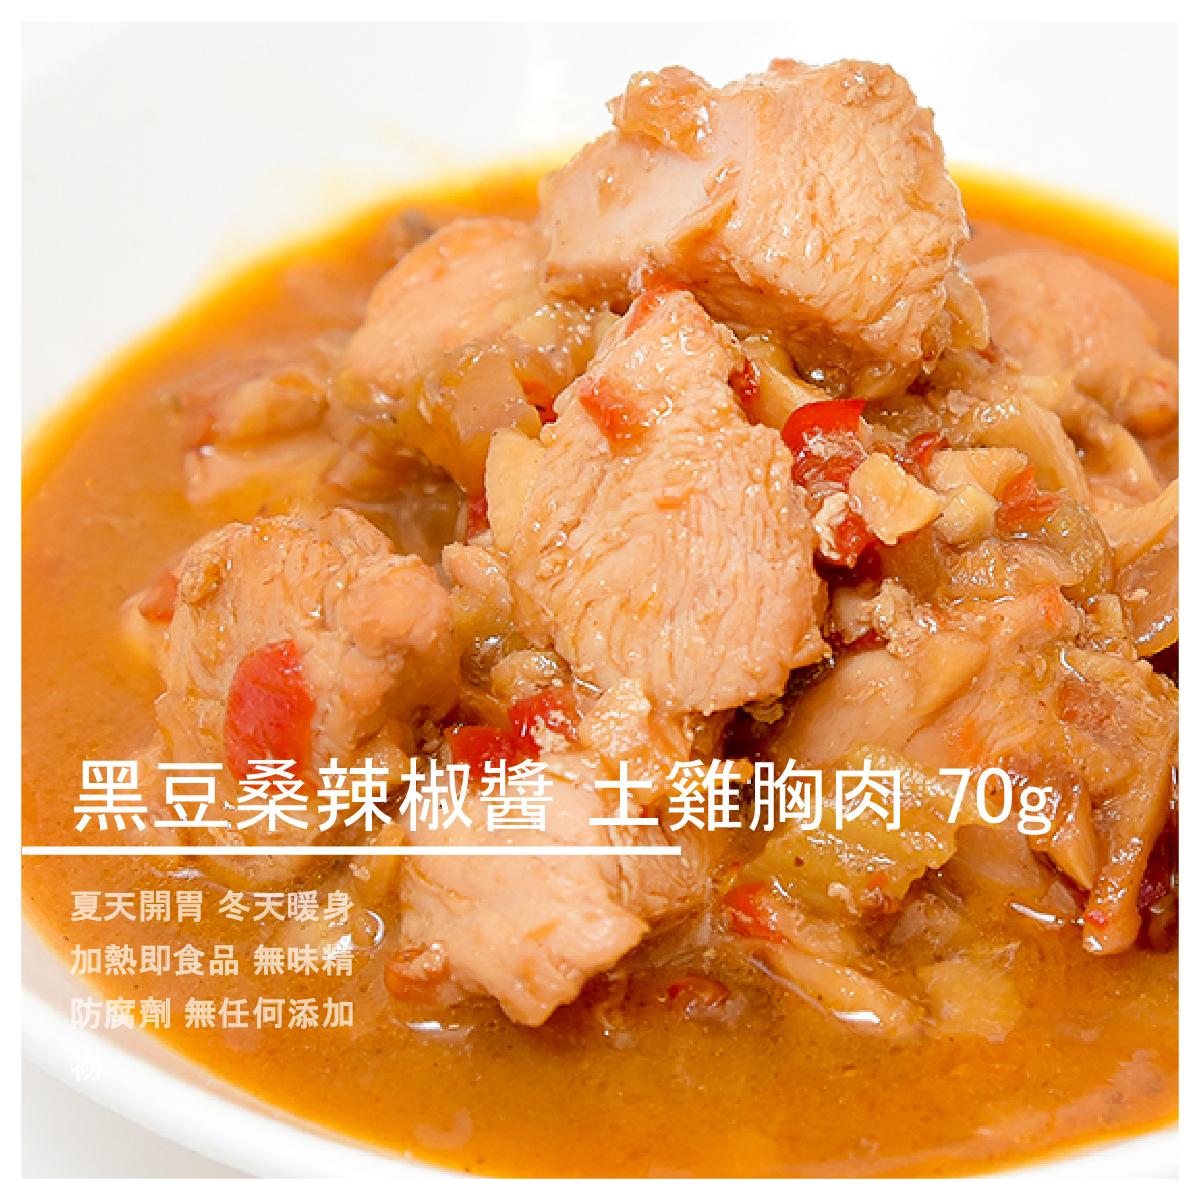 【鍾家食堂無添加料理專賣】黑豆桑辣椒醬 土雞胸肉 70g